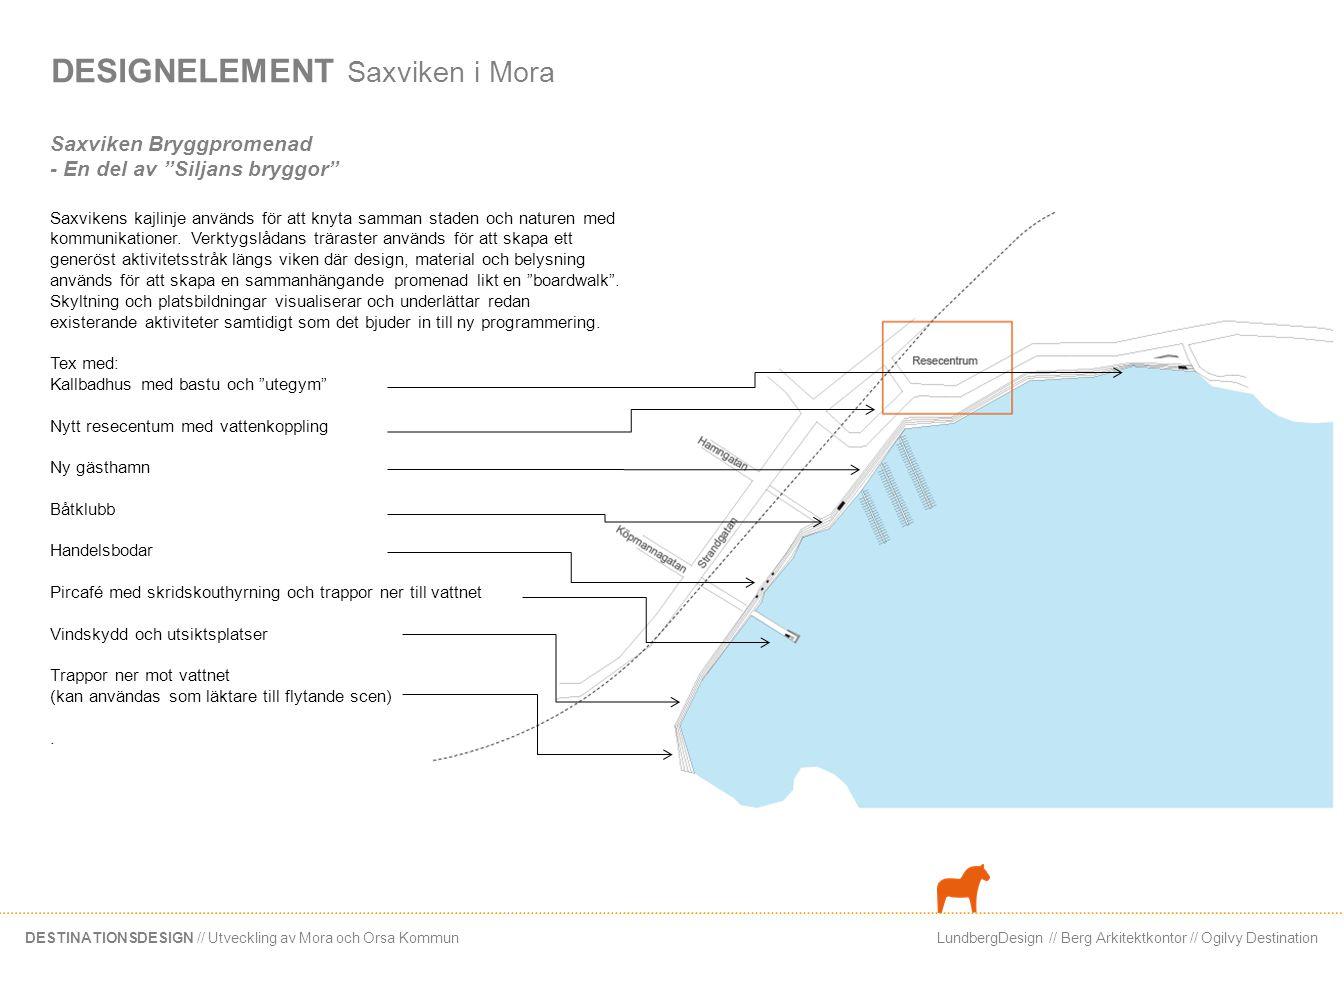 LundbergDesign // Berg Arkitektkontor // Ogilvy DestinationDESTINATIONSDESIGN // Utveckling av Mora och Orsa Kommun DESIGNELEMENT Saxviken i Mora Saxv